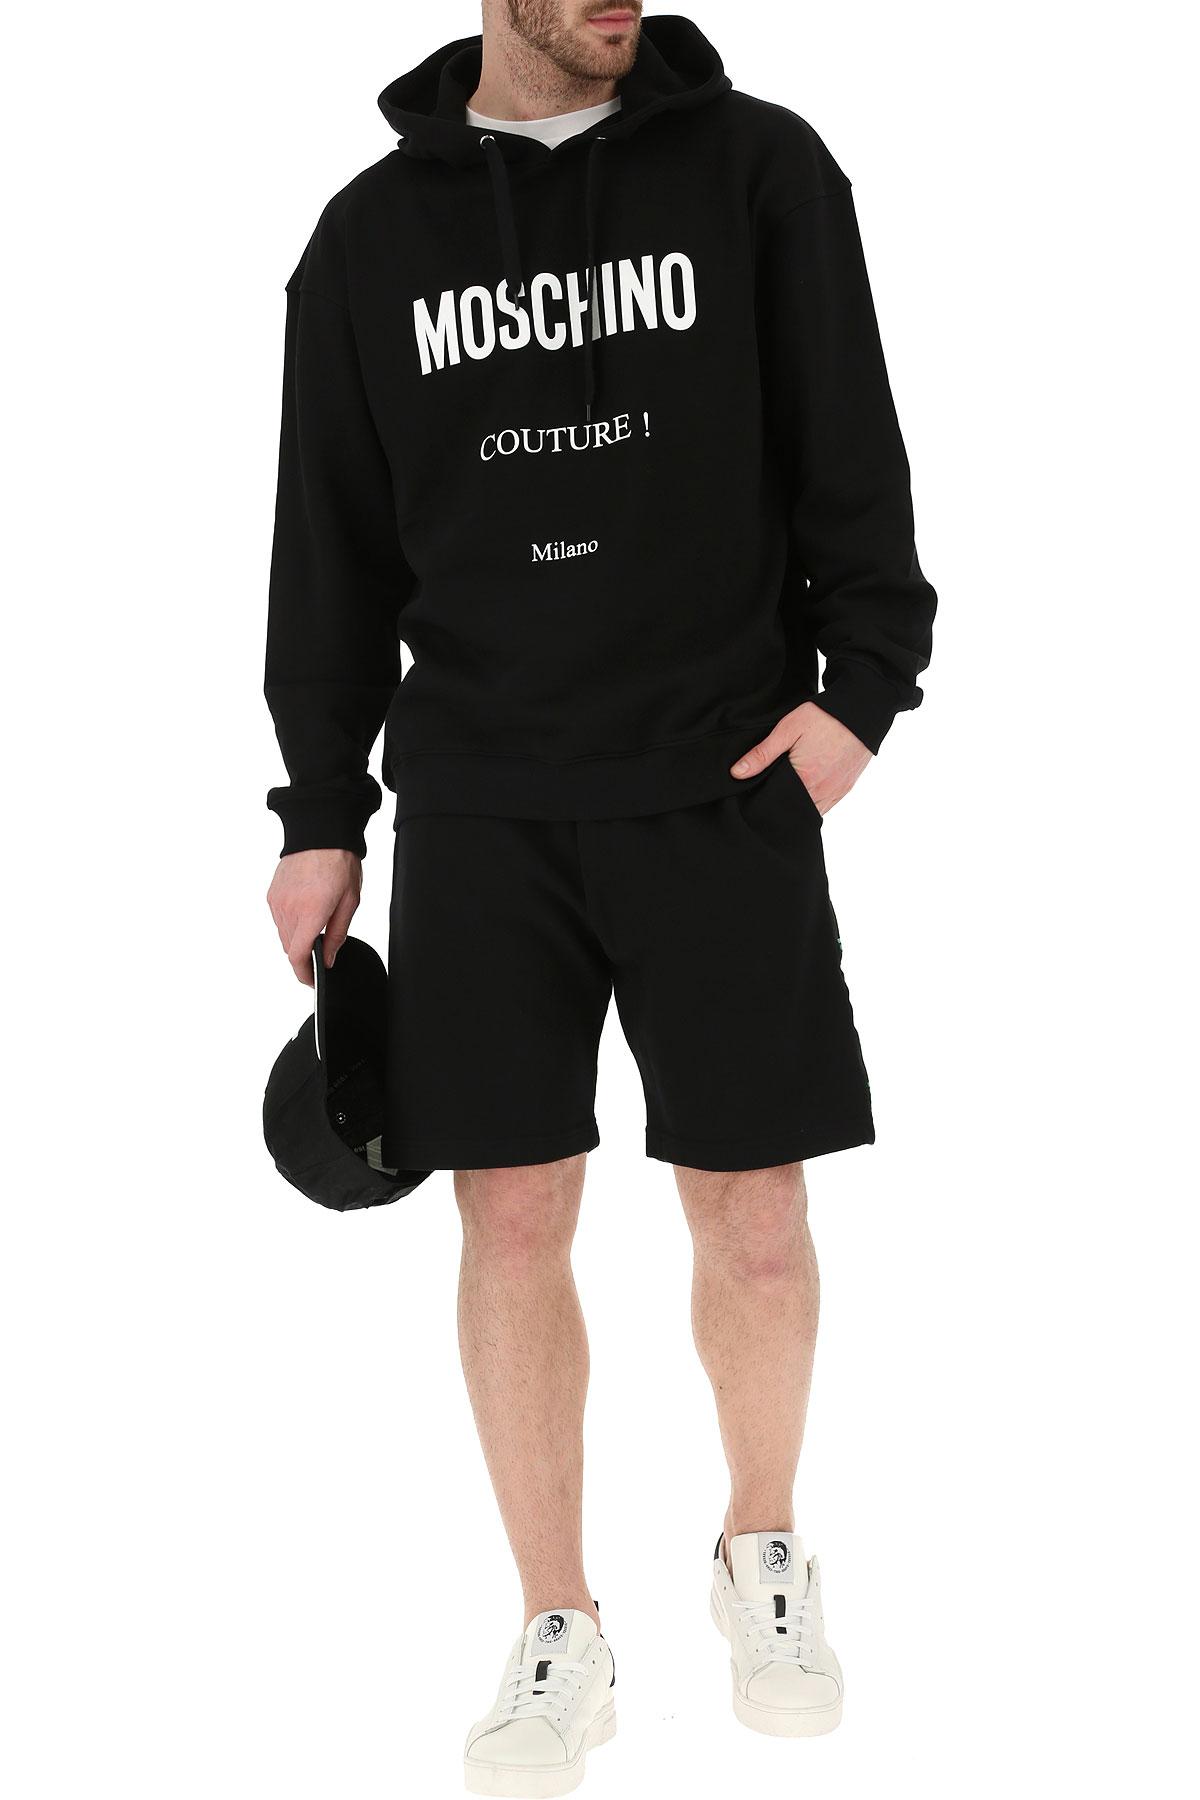 2019 Hombres Primavera Para Moschino Blanco verano Negro Ropa EtX6F